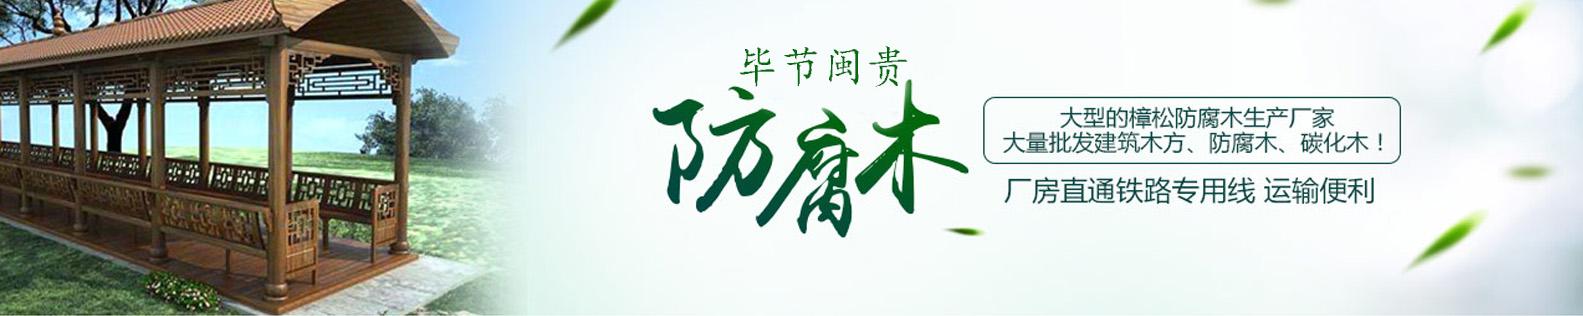 貴州閩貴景觀林木業有限公司產品性能